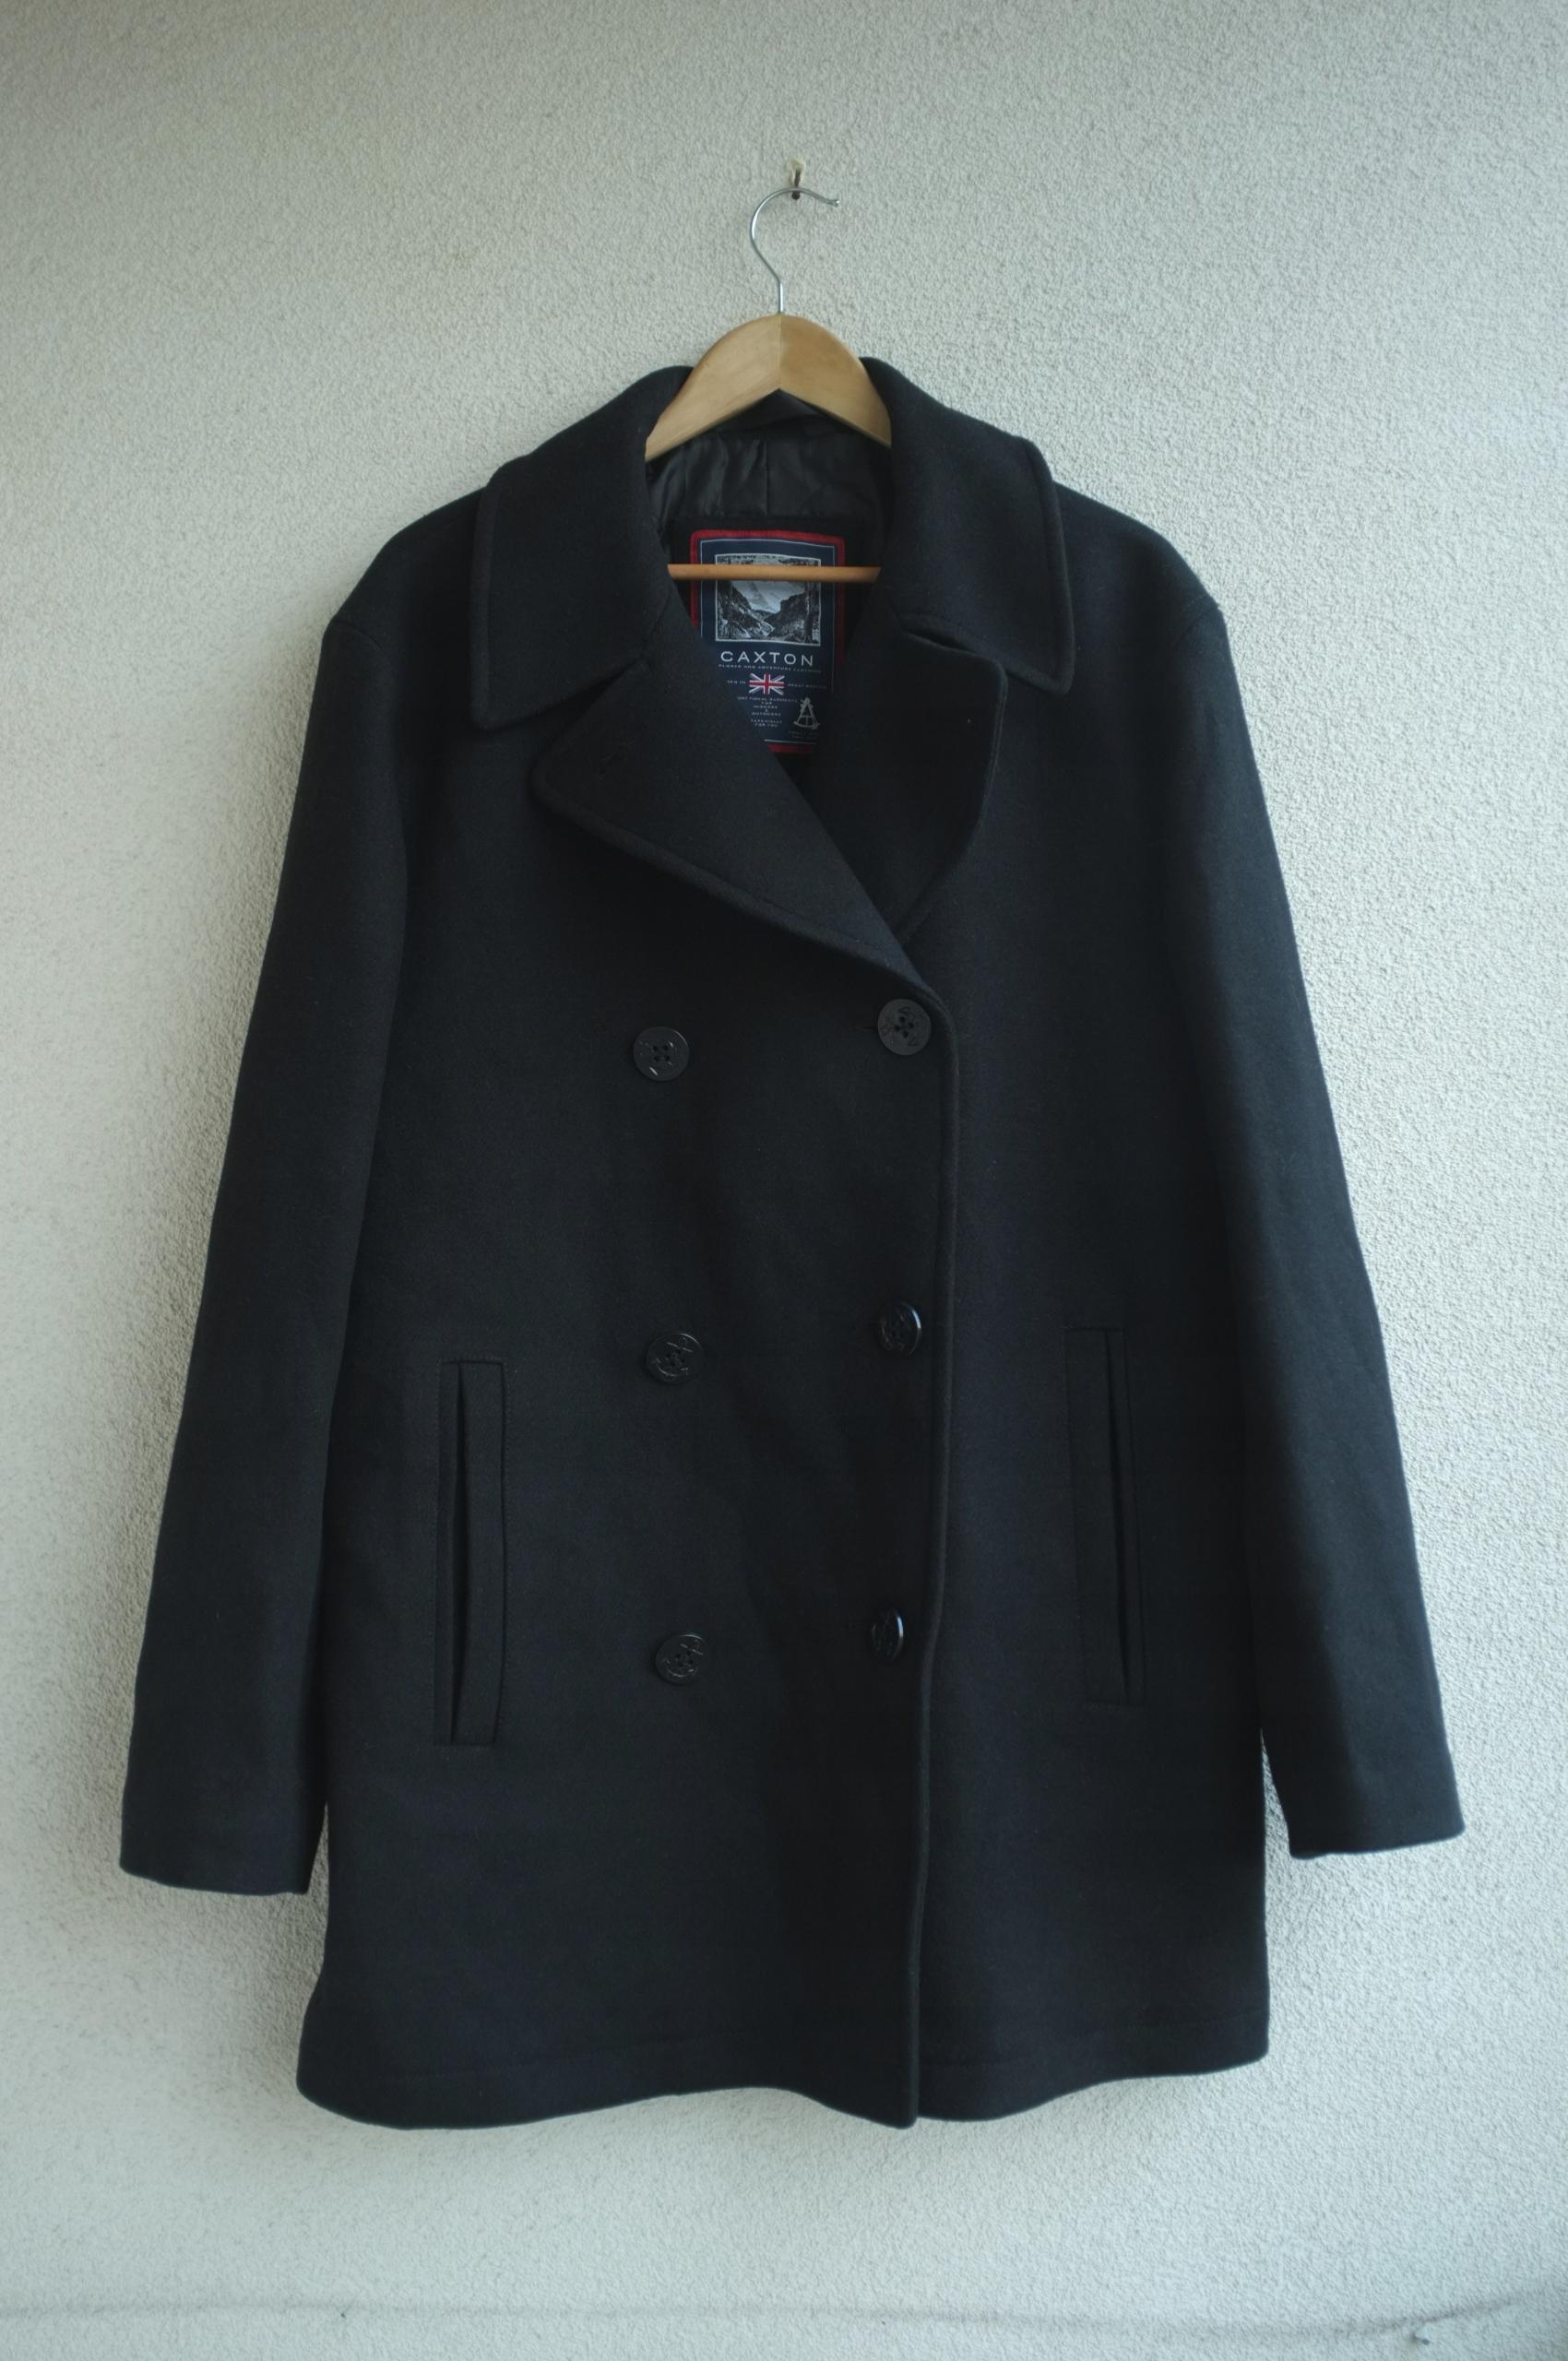 męski wełniany płaszcz Caxton XL bosmanka klasyka